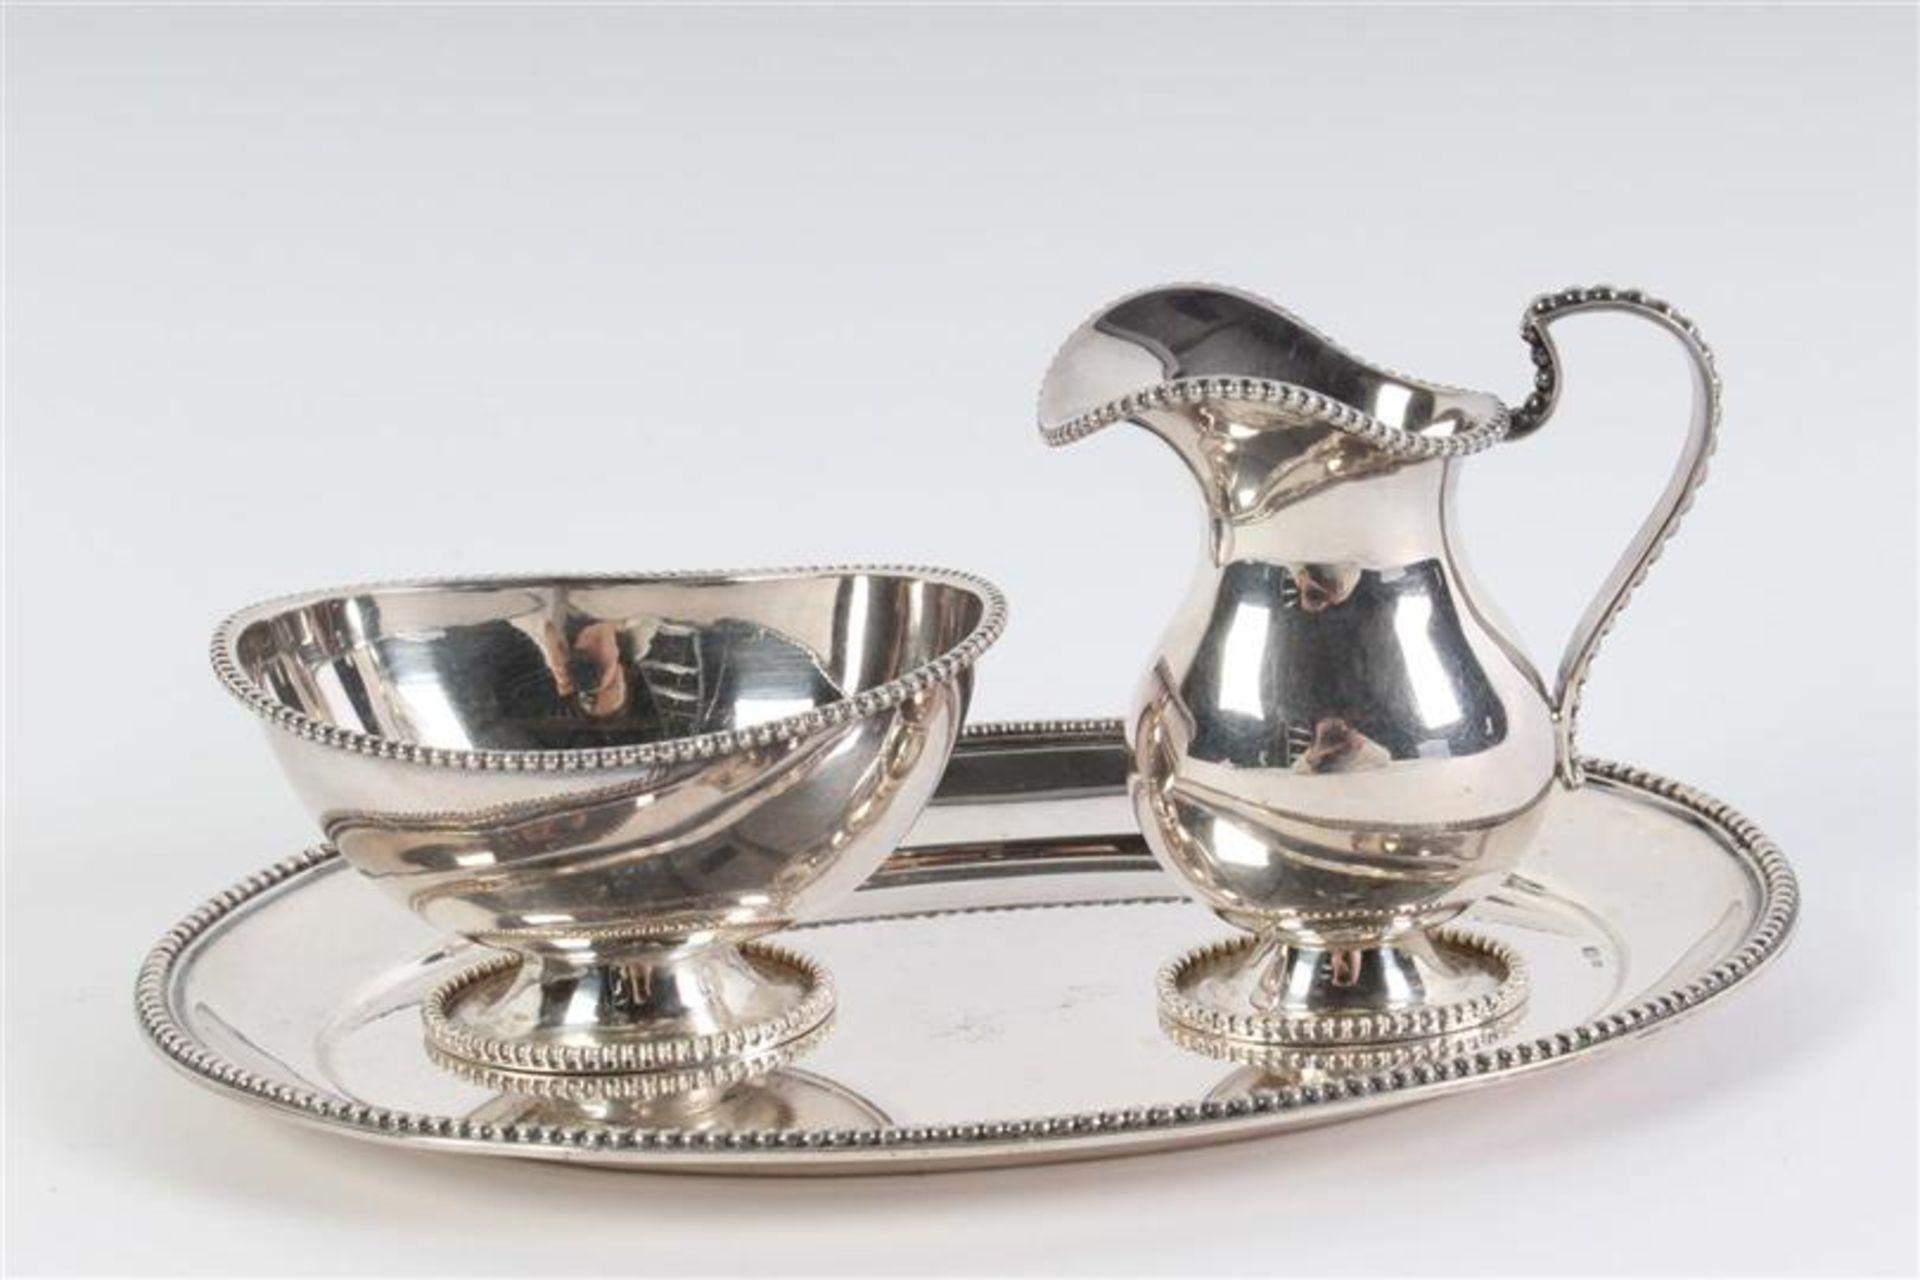 Driedelig zilveren roomsetje met parelrand. L: 18.5 cm. Gewicht: 293 g.